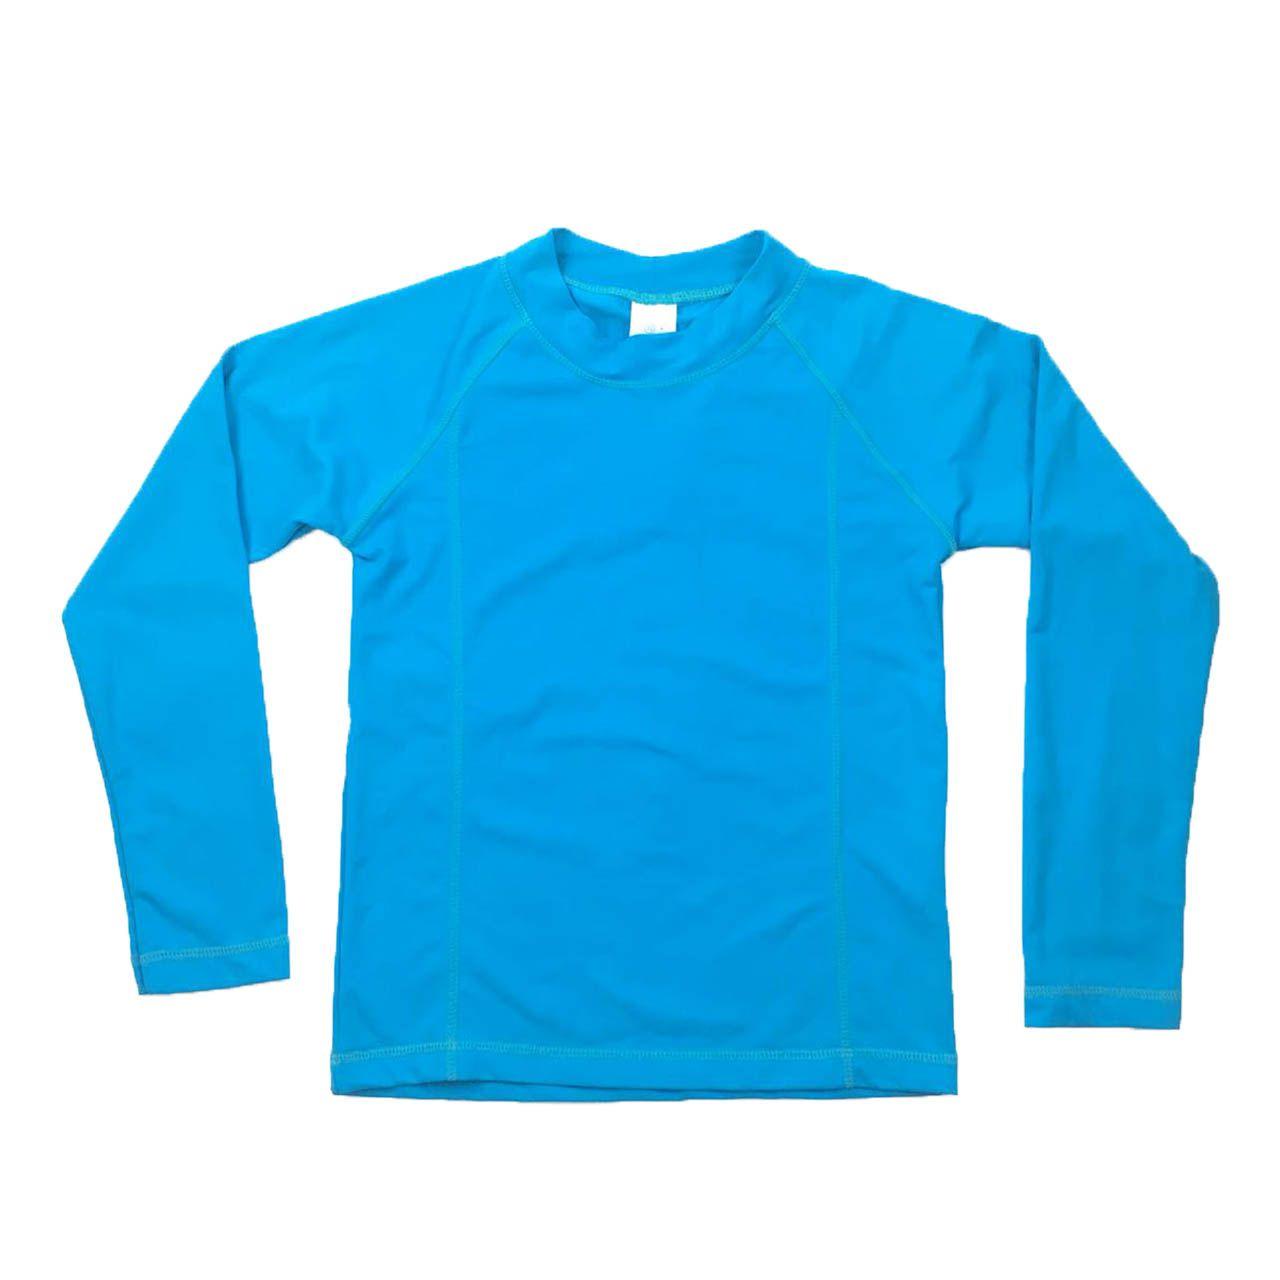 Camiseta Praia Manga Longa Tip Top 2605107